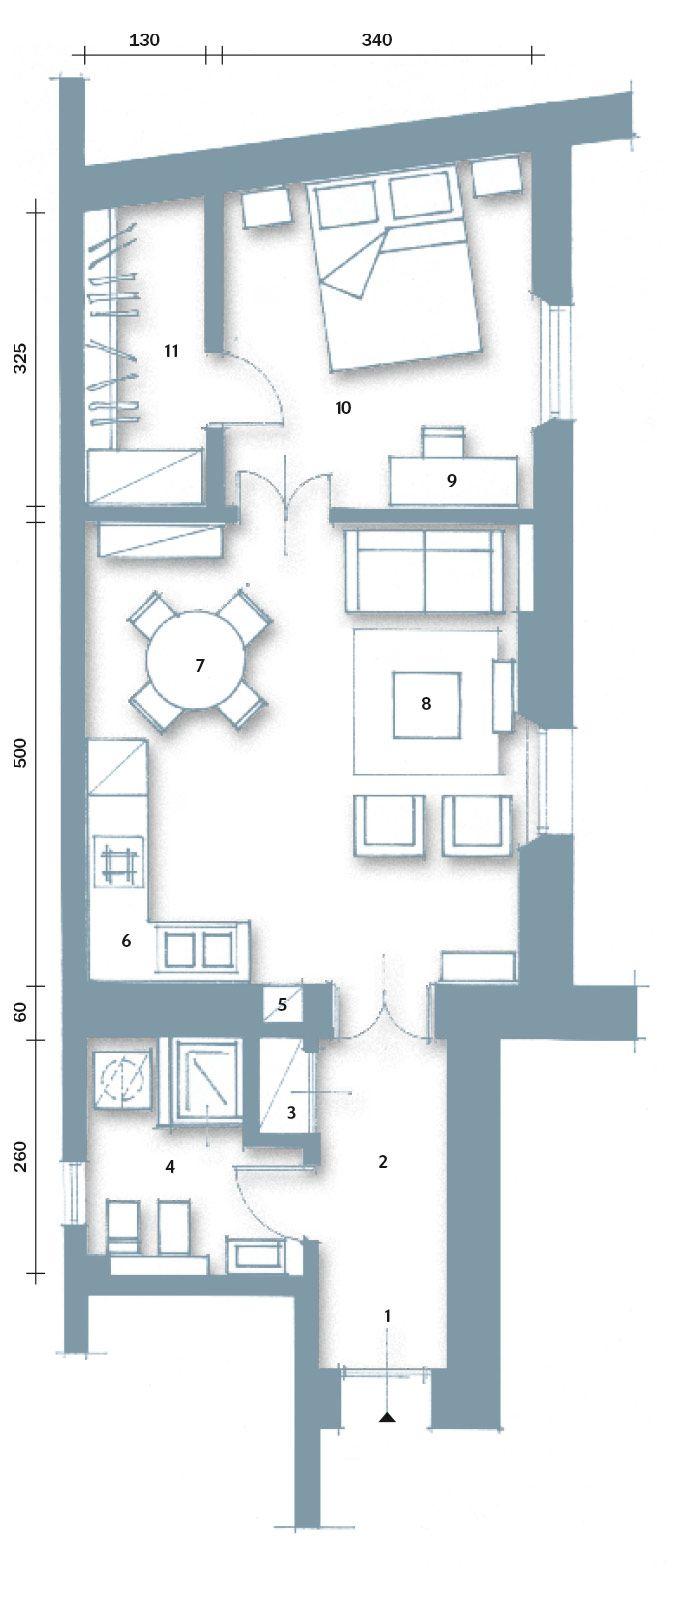 Oltre 25 fantastiche idee su piantine di case su pinterest for Piani di casa porte cochere